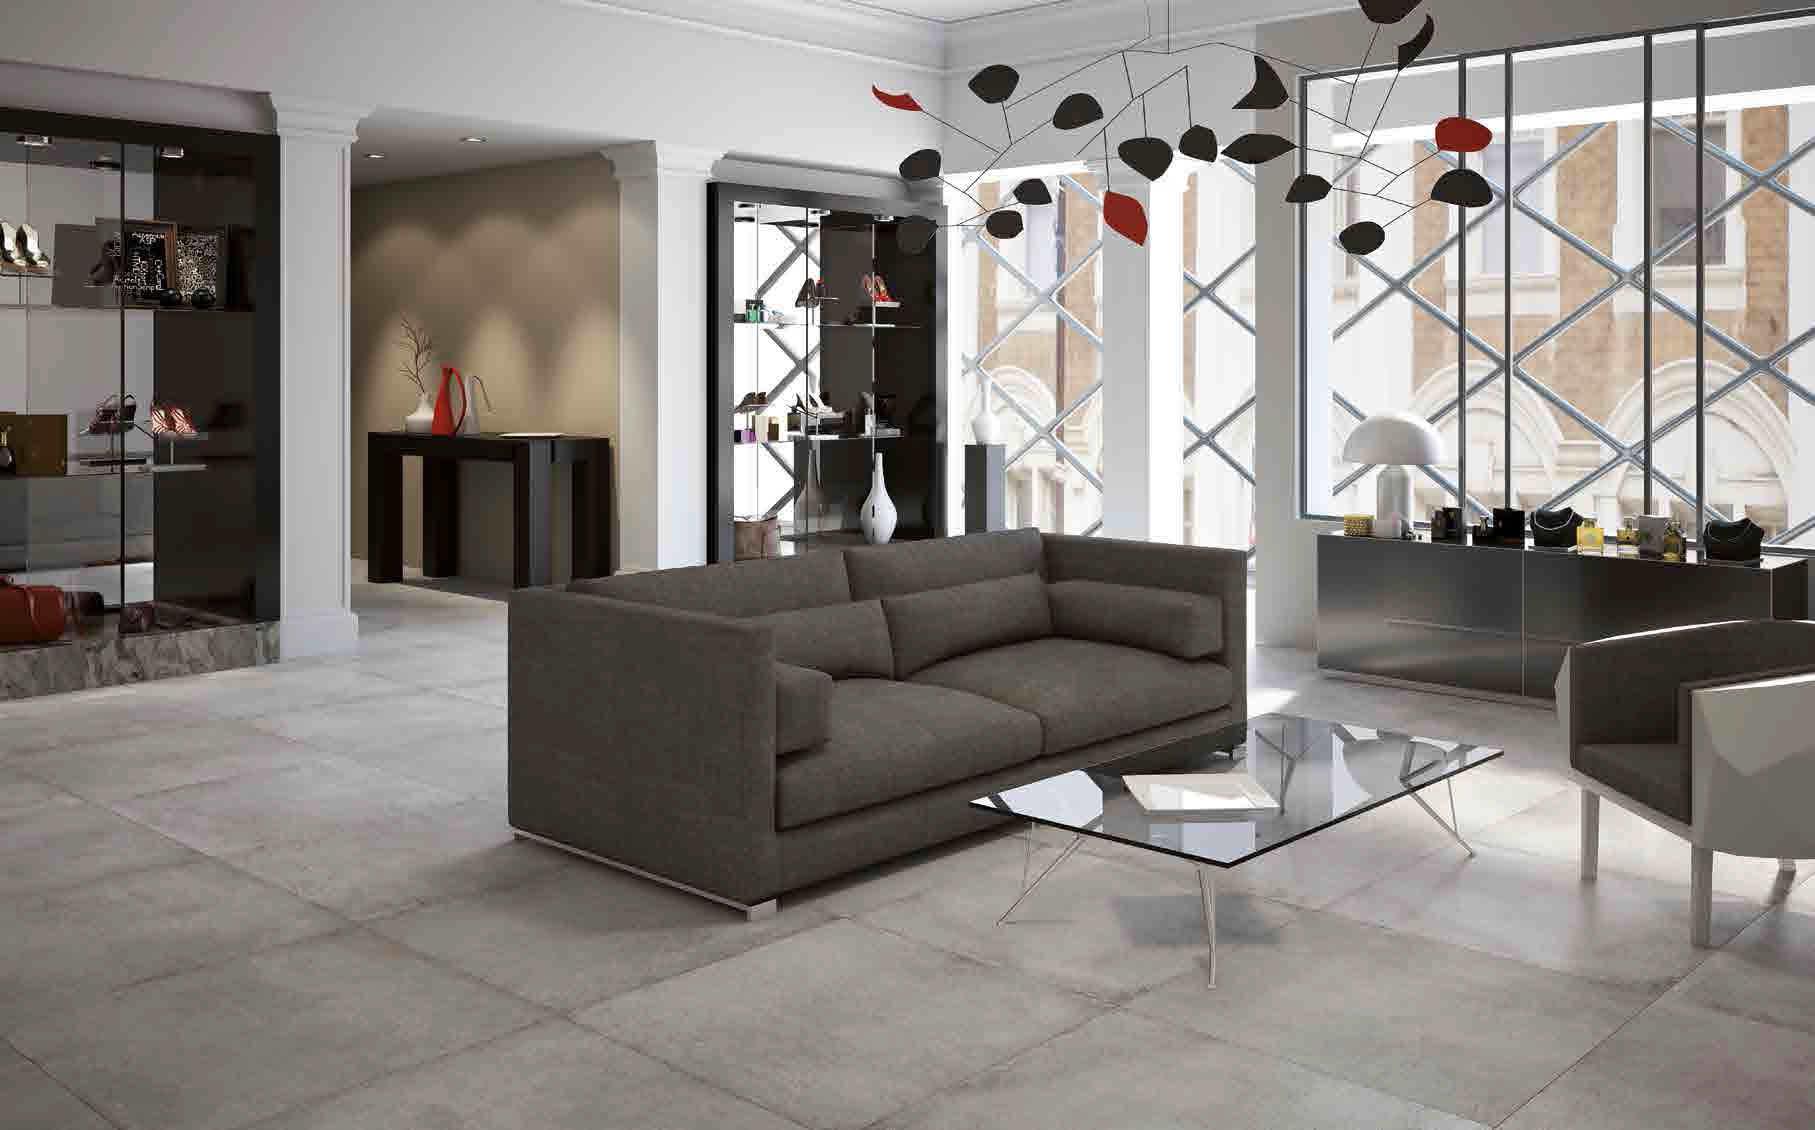 Reizvoll Fliesen Wohnzimmer ~ Wohnzimmer fliesen für fußböden feinsteinzeug matt aster